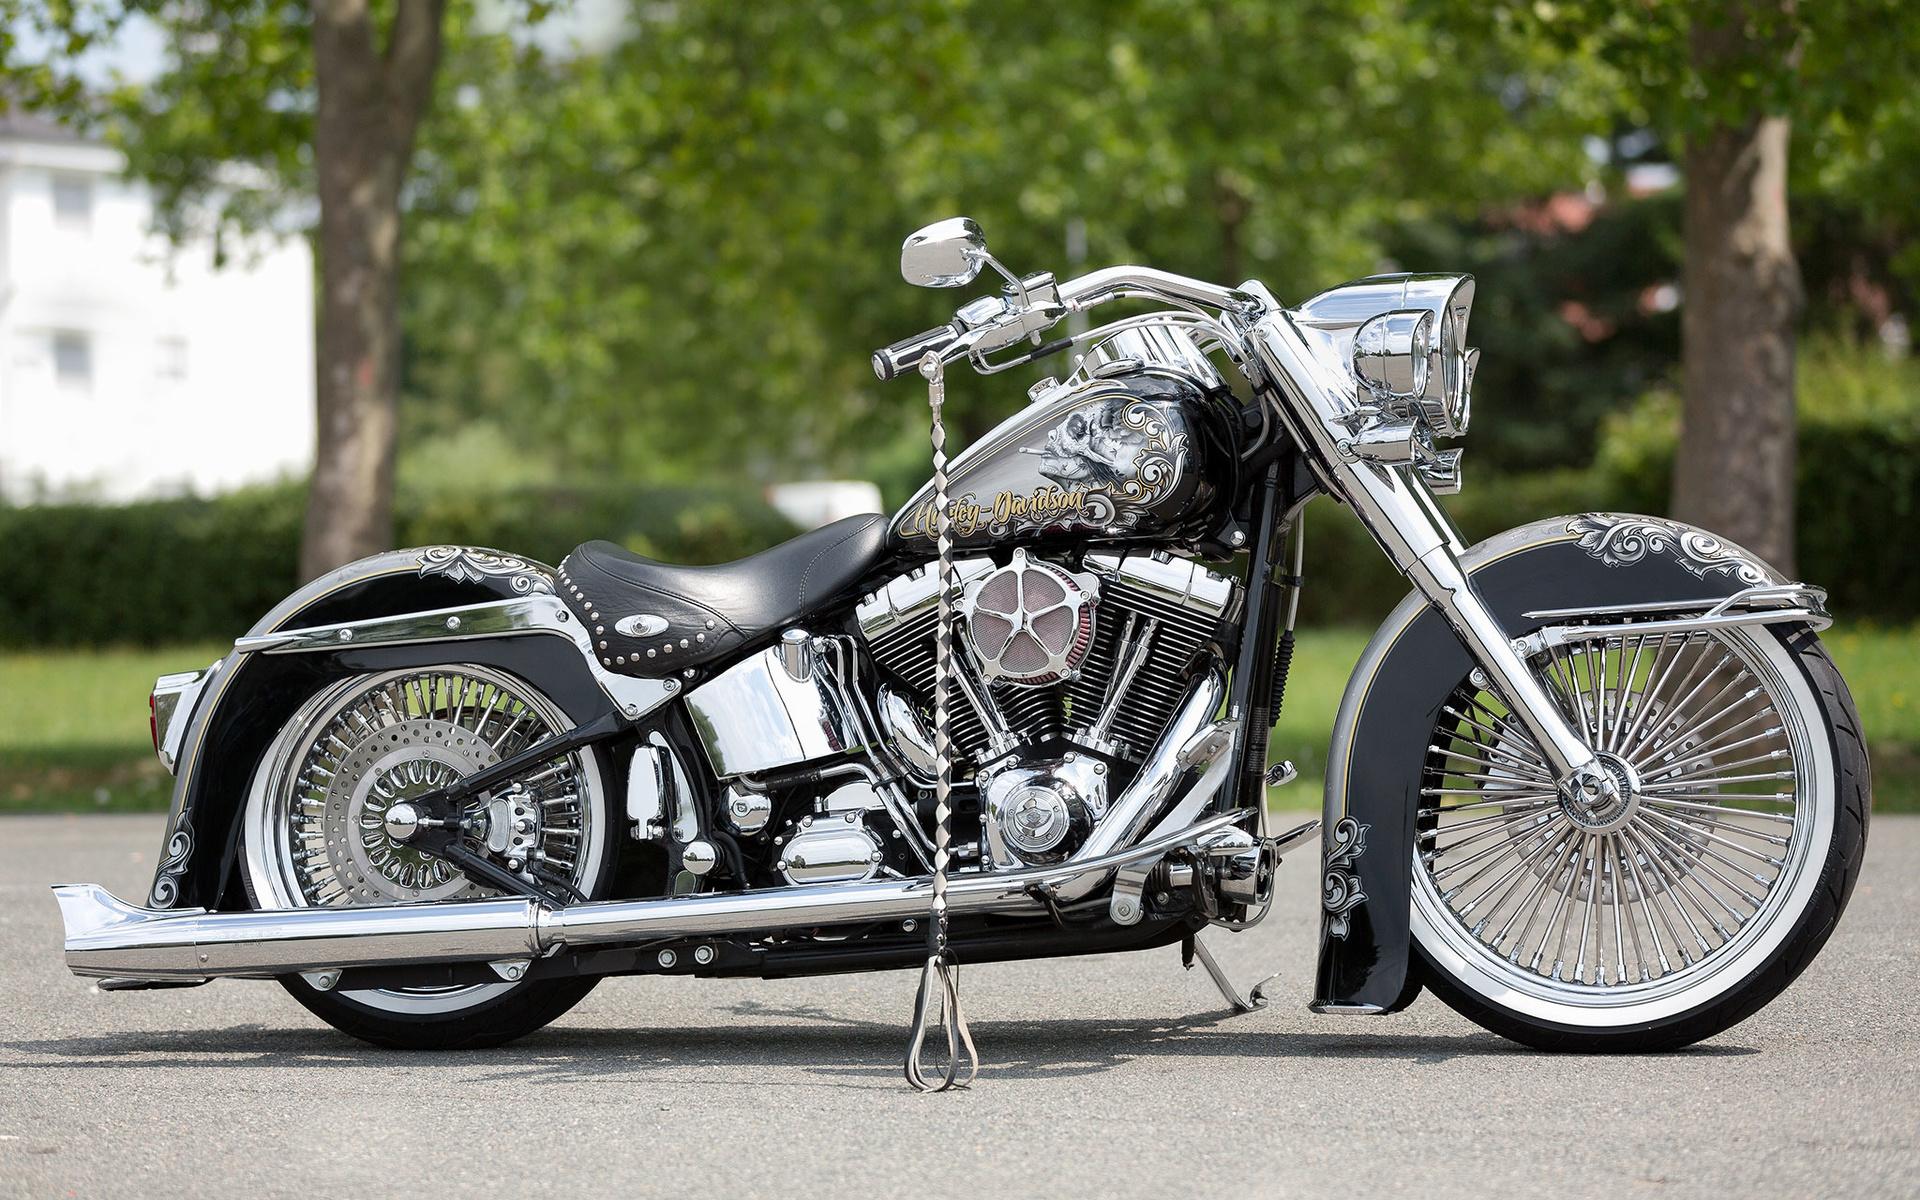 разные морепродукты картинки американские мотоциклы проекта считают, что